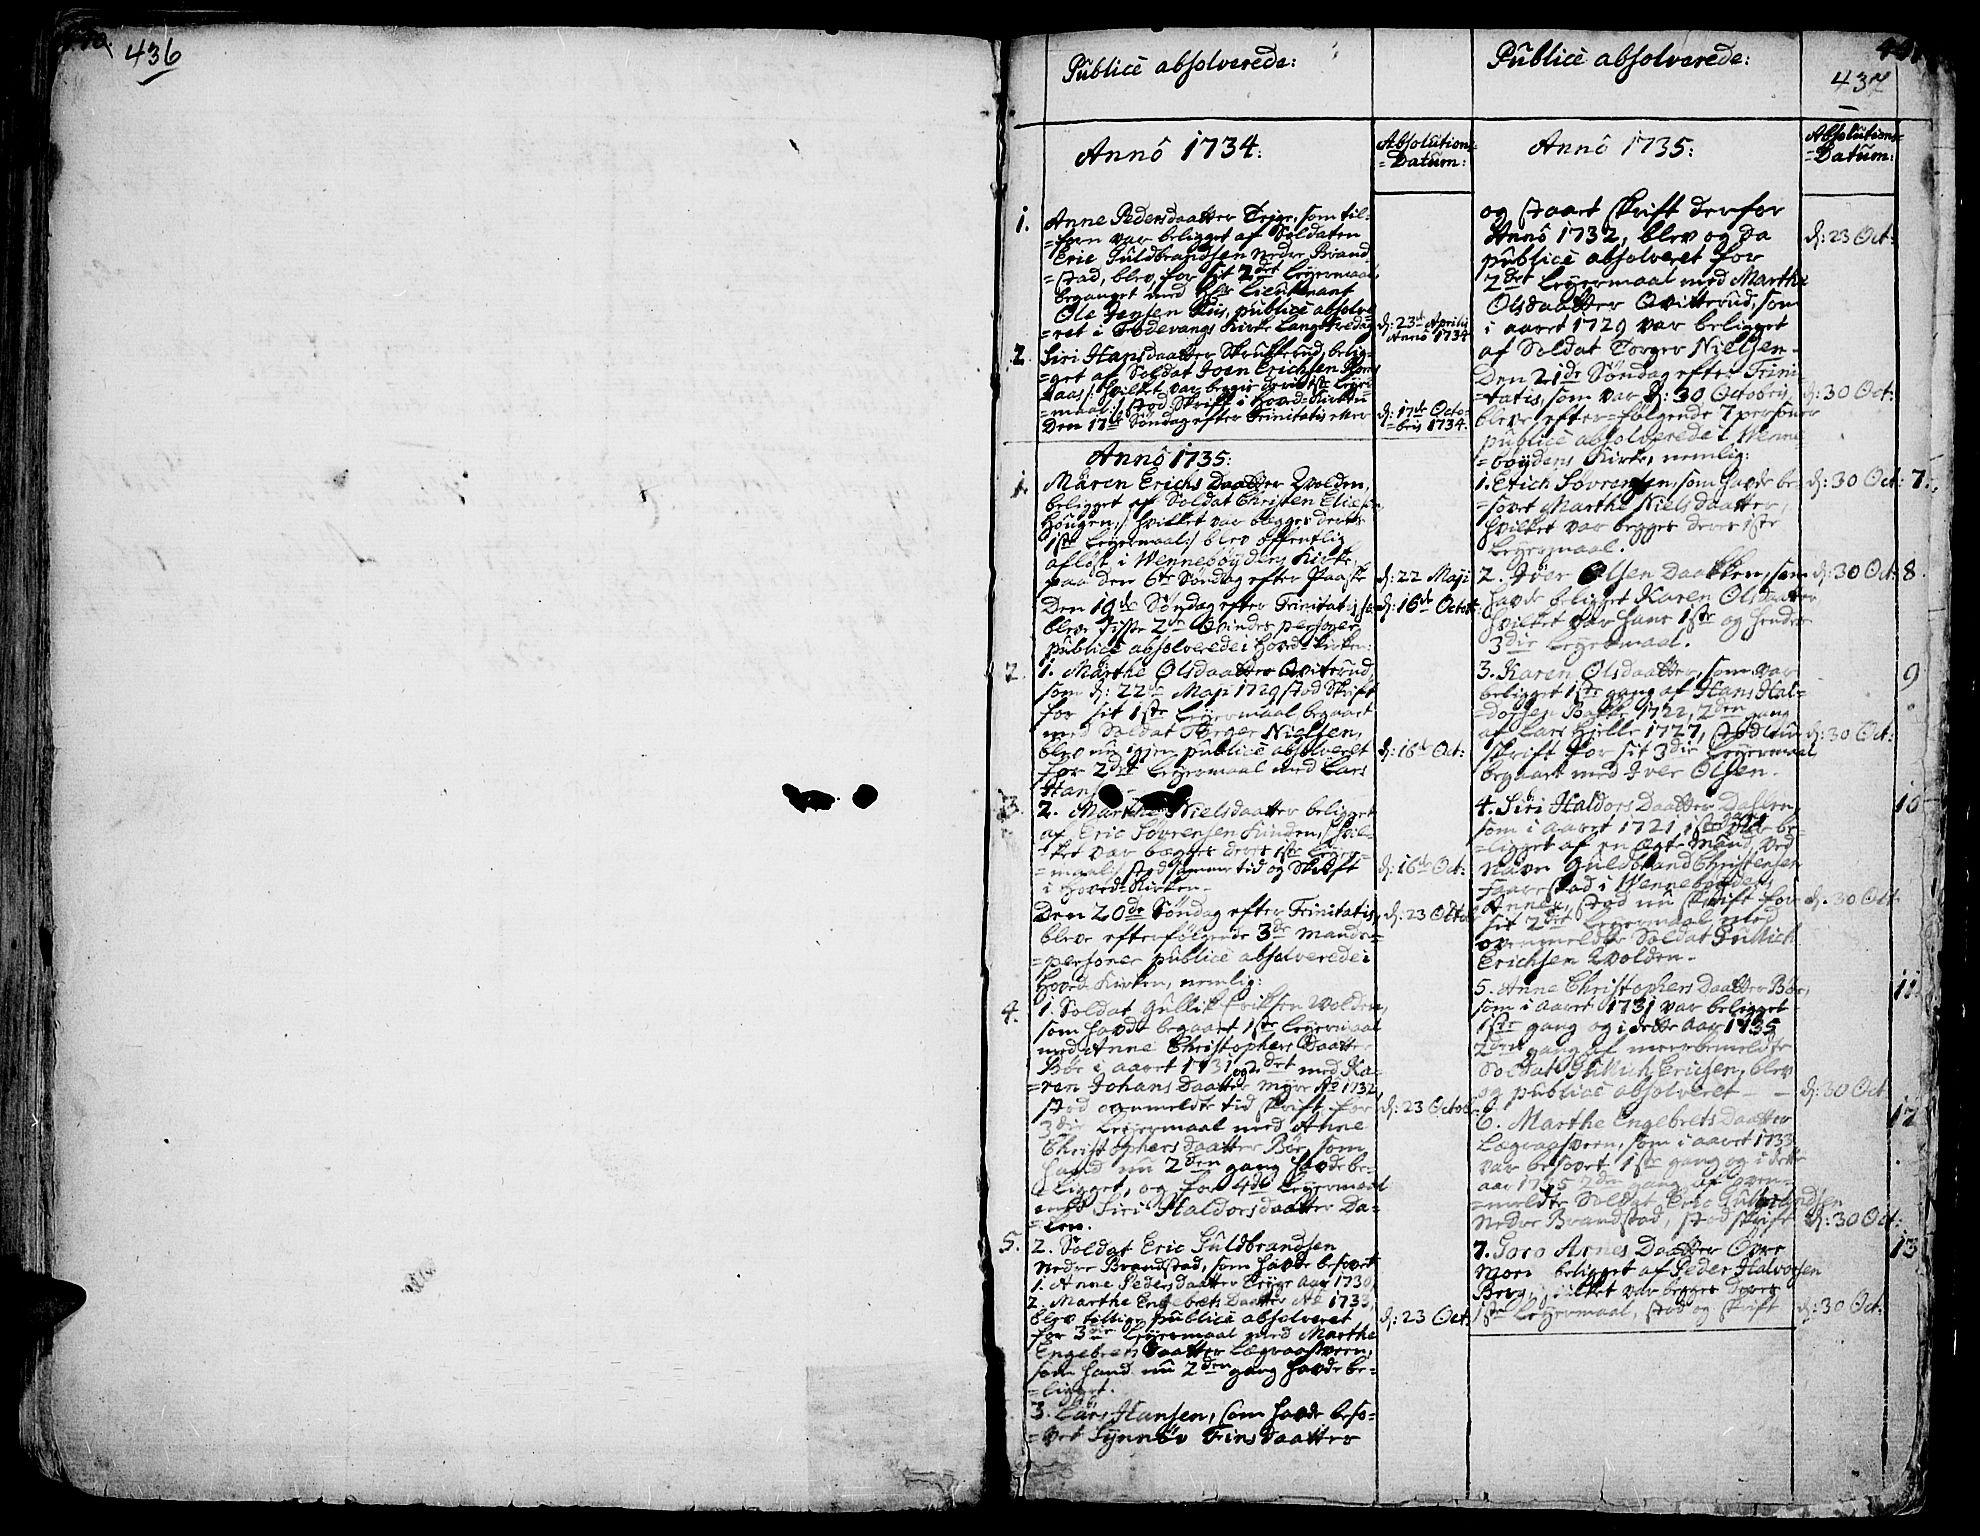 SAH, Ringebu prestekontor, Parish register (official) no. 2, 1734-1780, p. 436-437